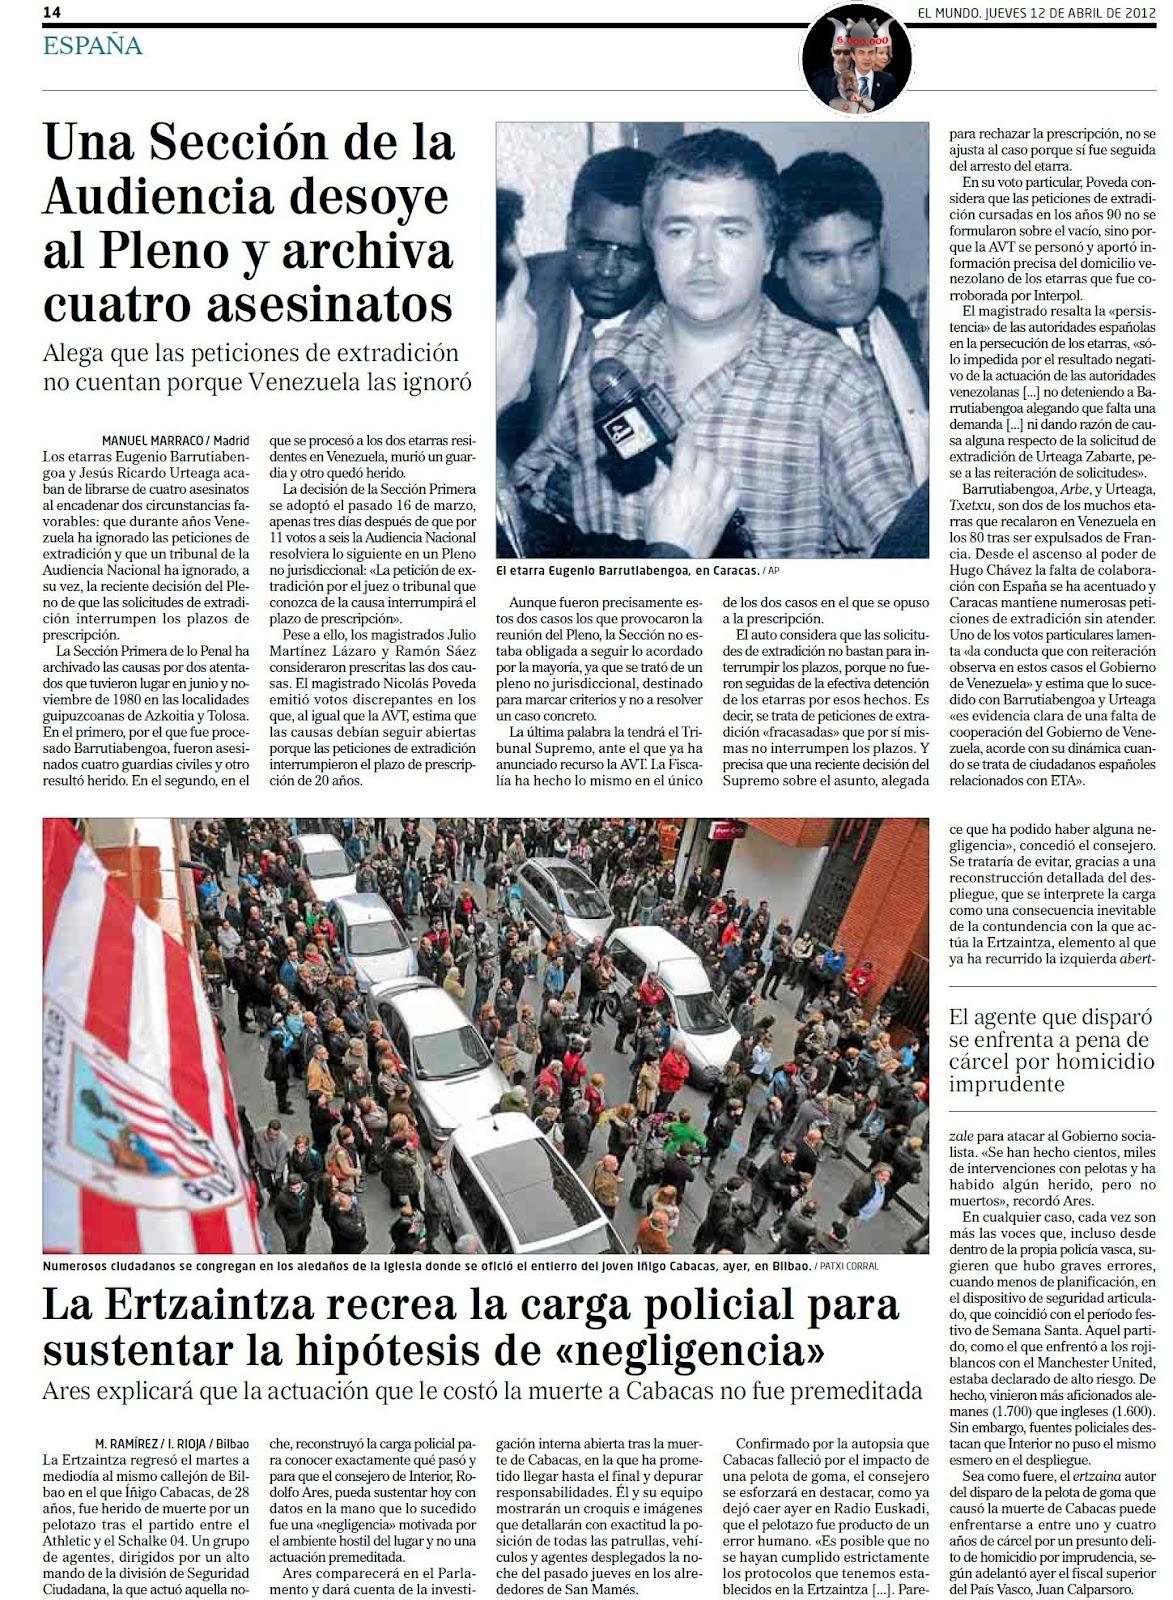 Lo tiene claro Rajoy si espera algo de los socialistas que no sea el sabotaje